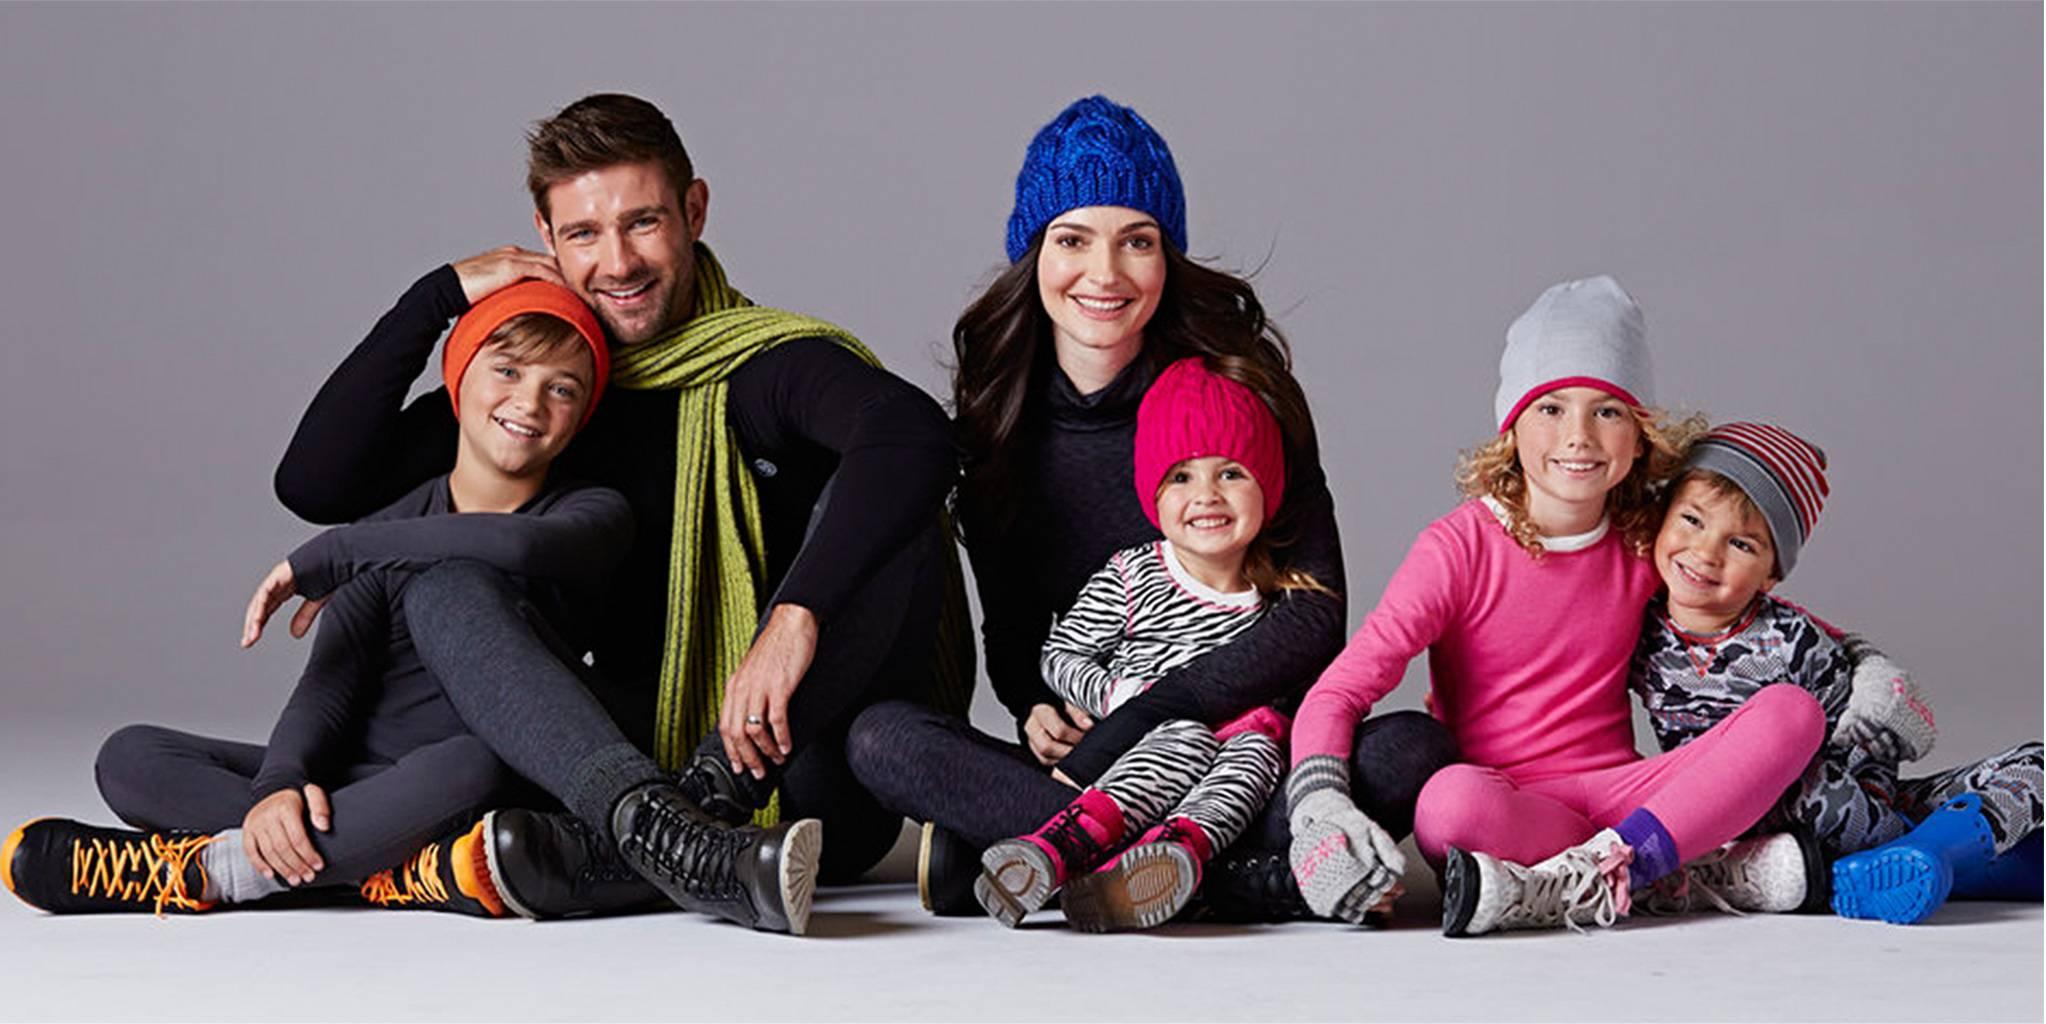 Некоторое время назад основными потребителями термобелья считались профессиональные спортсмены, альп